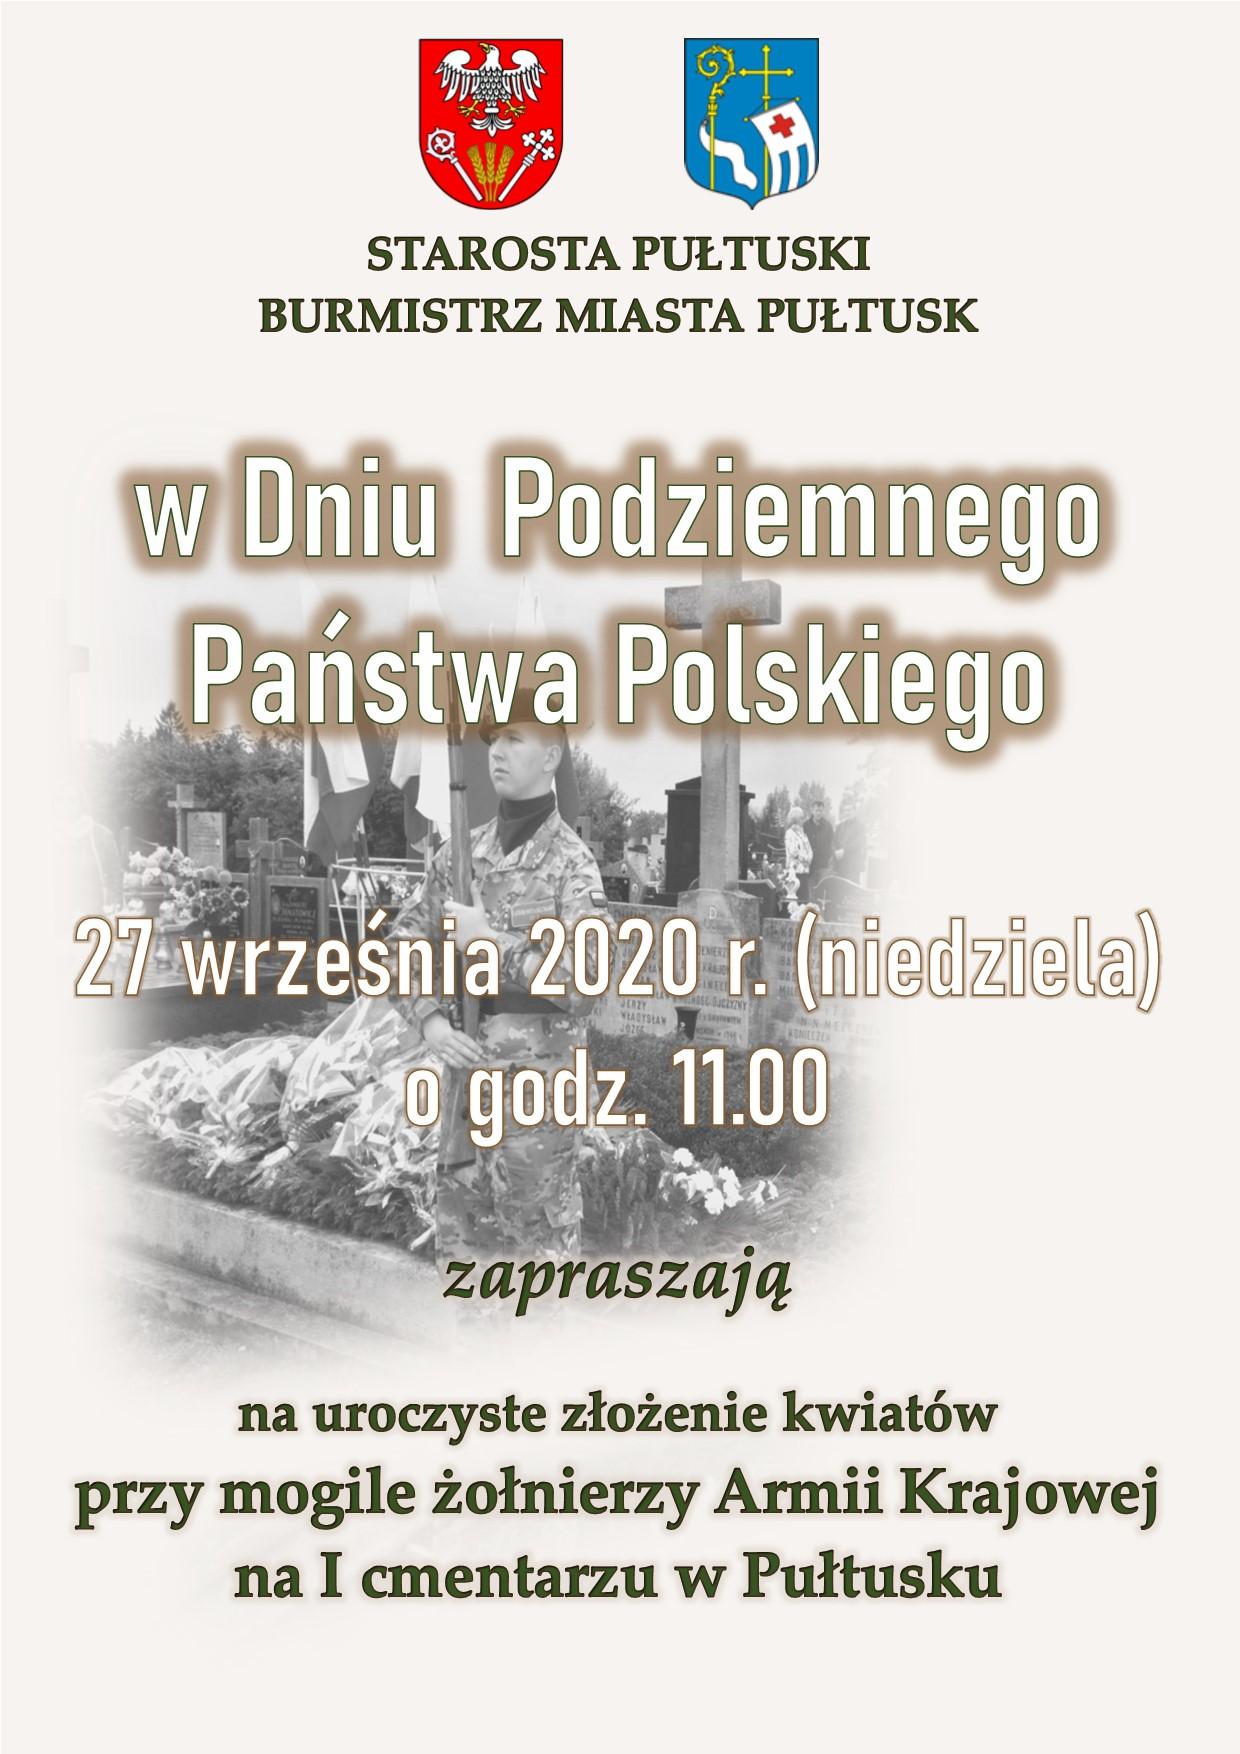 Dzien-Podziemnego-Panstwa-Polskiego-30-—-kopia